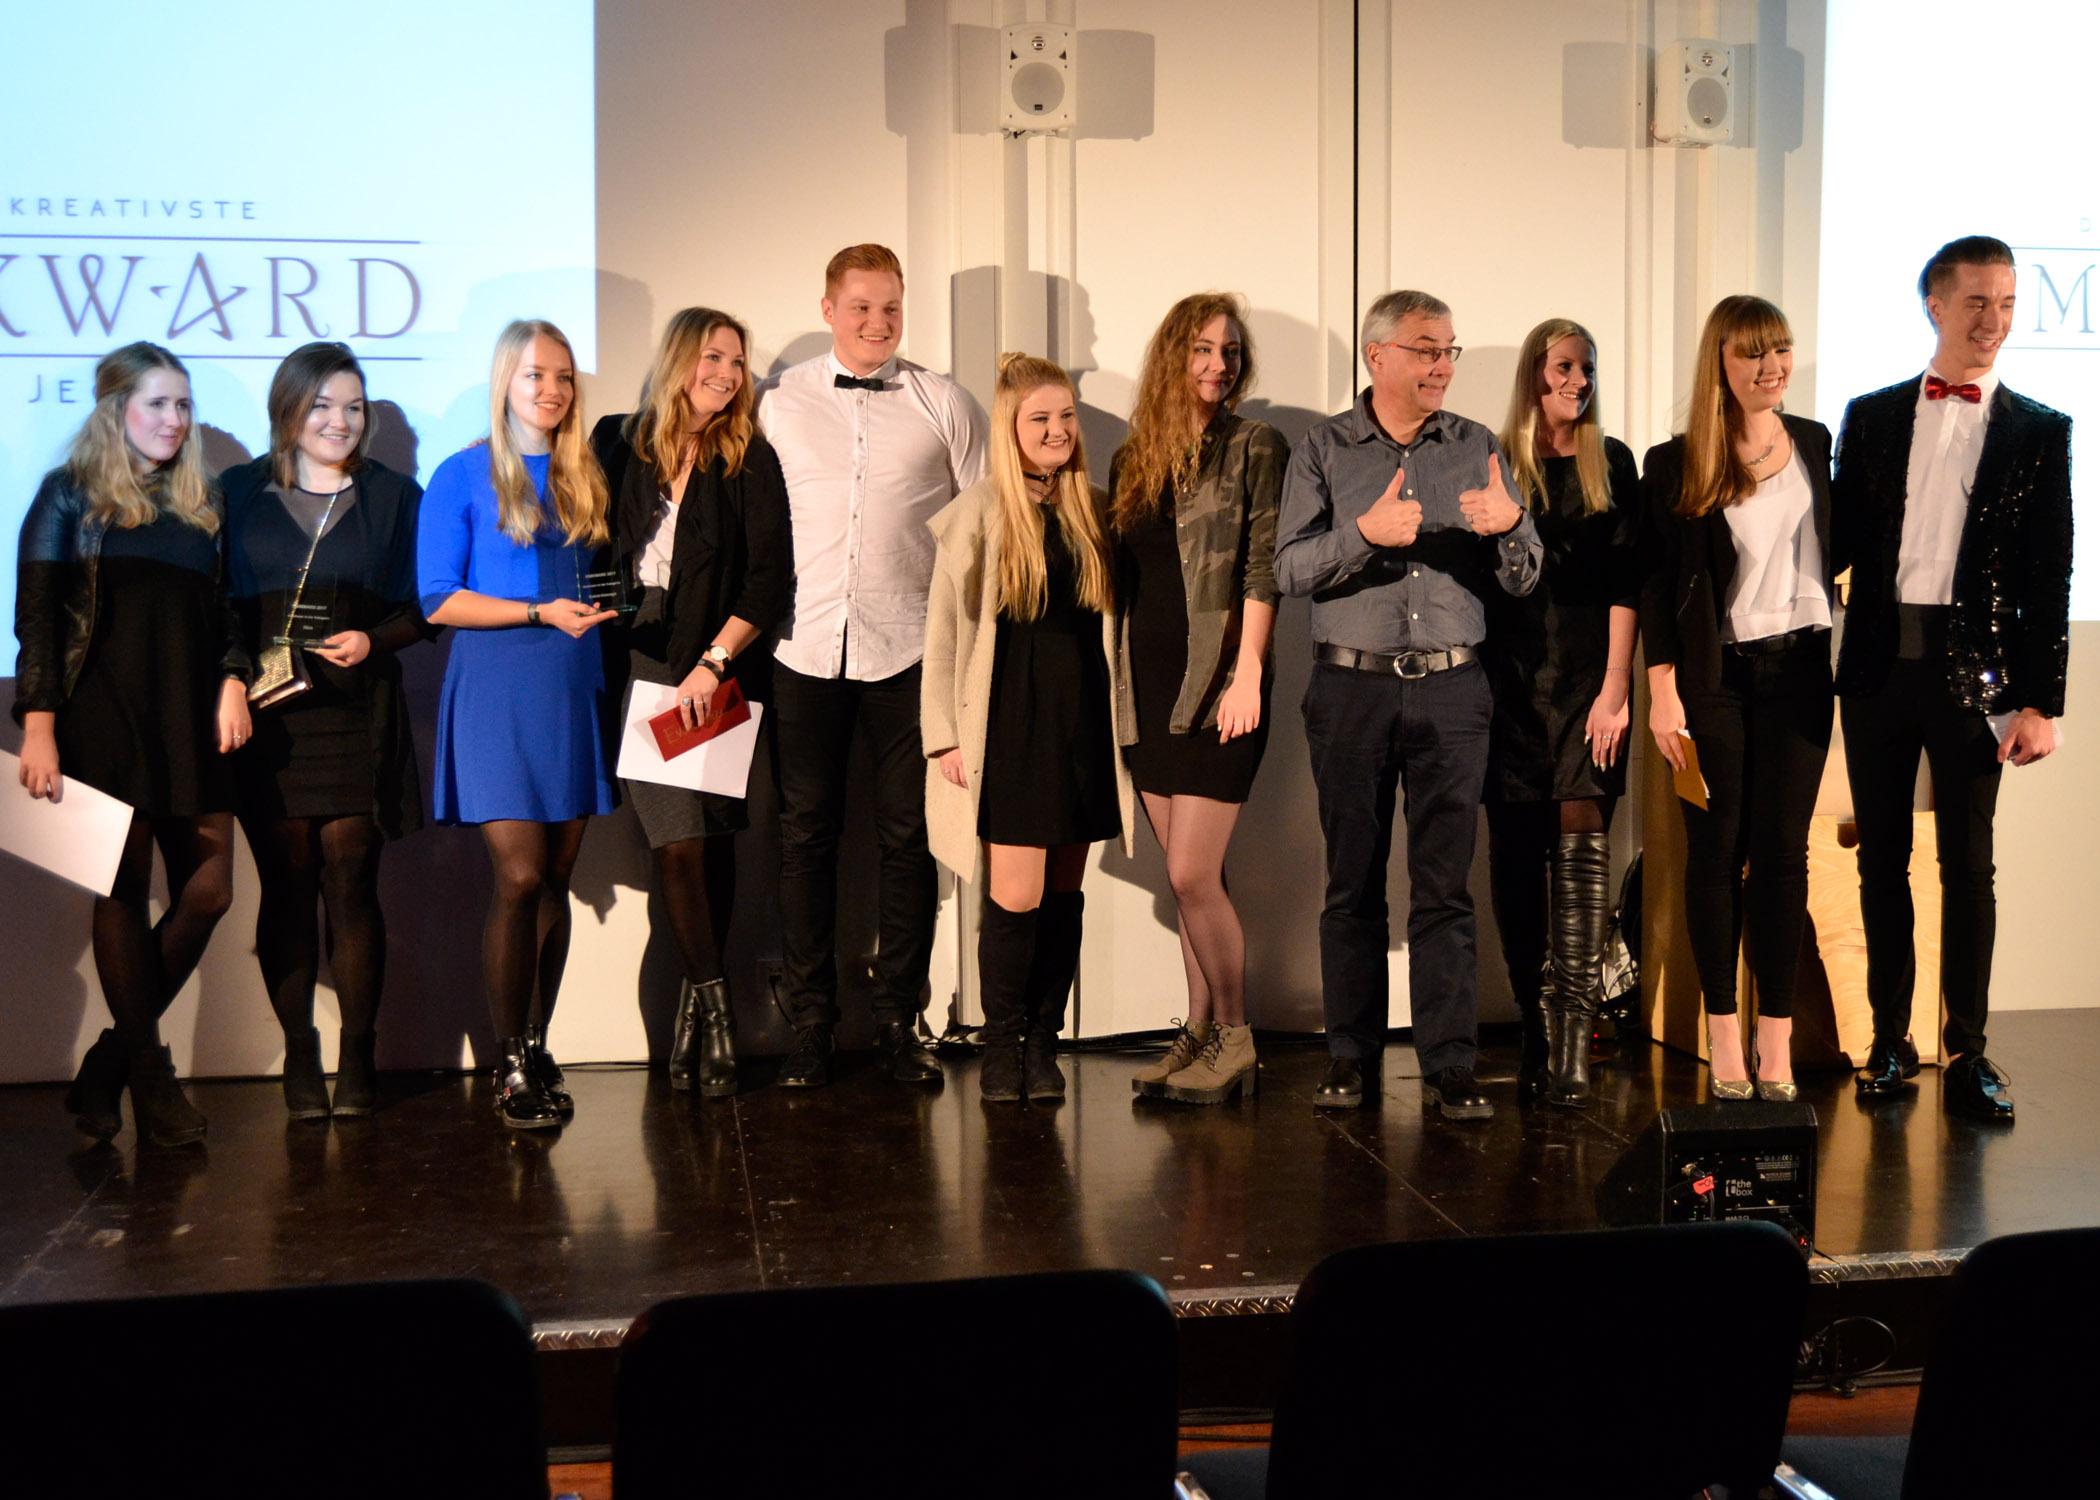 Am Ende der Gala versammelten sich Moderationsduo, Jury und Preisträger/innen noch einmal zusammen auf der Bühne.